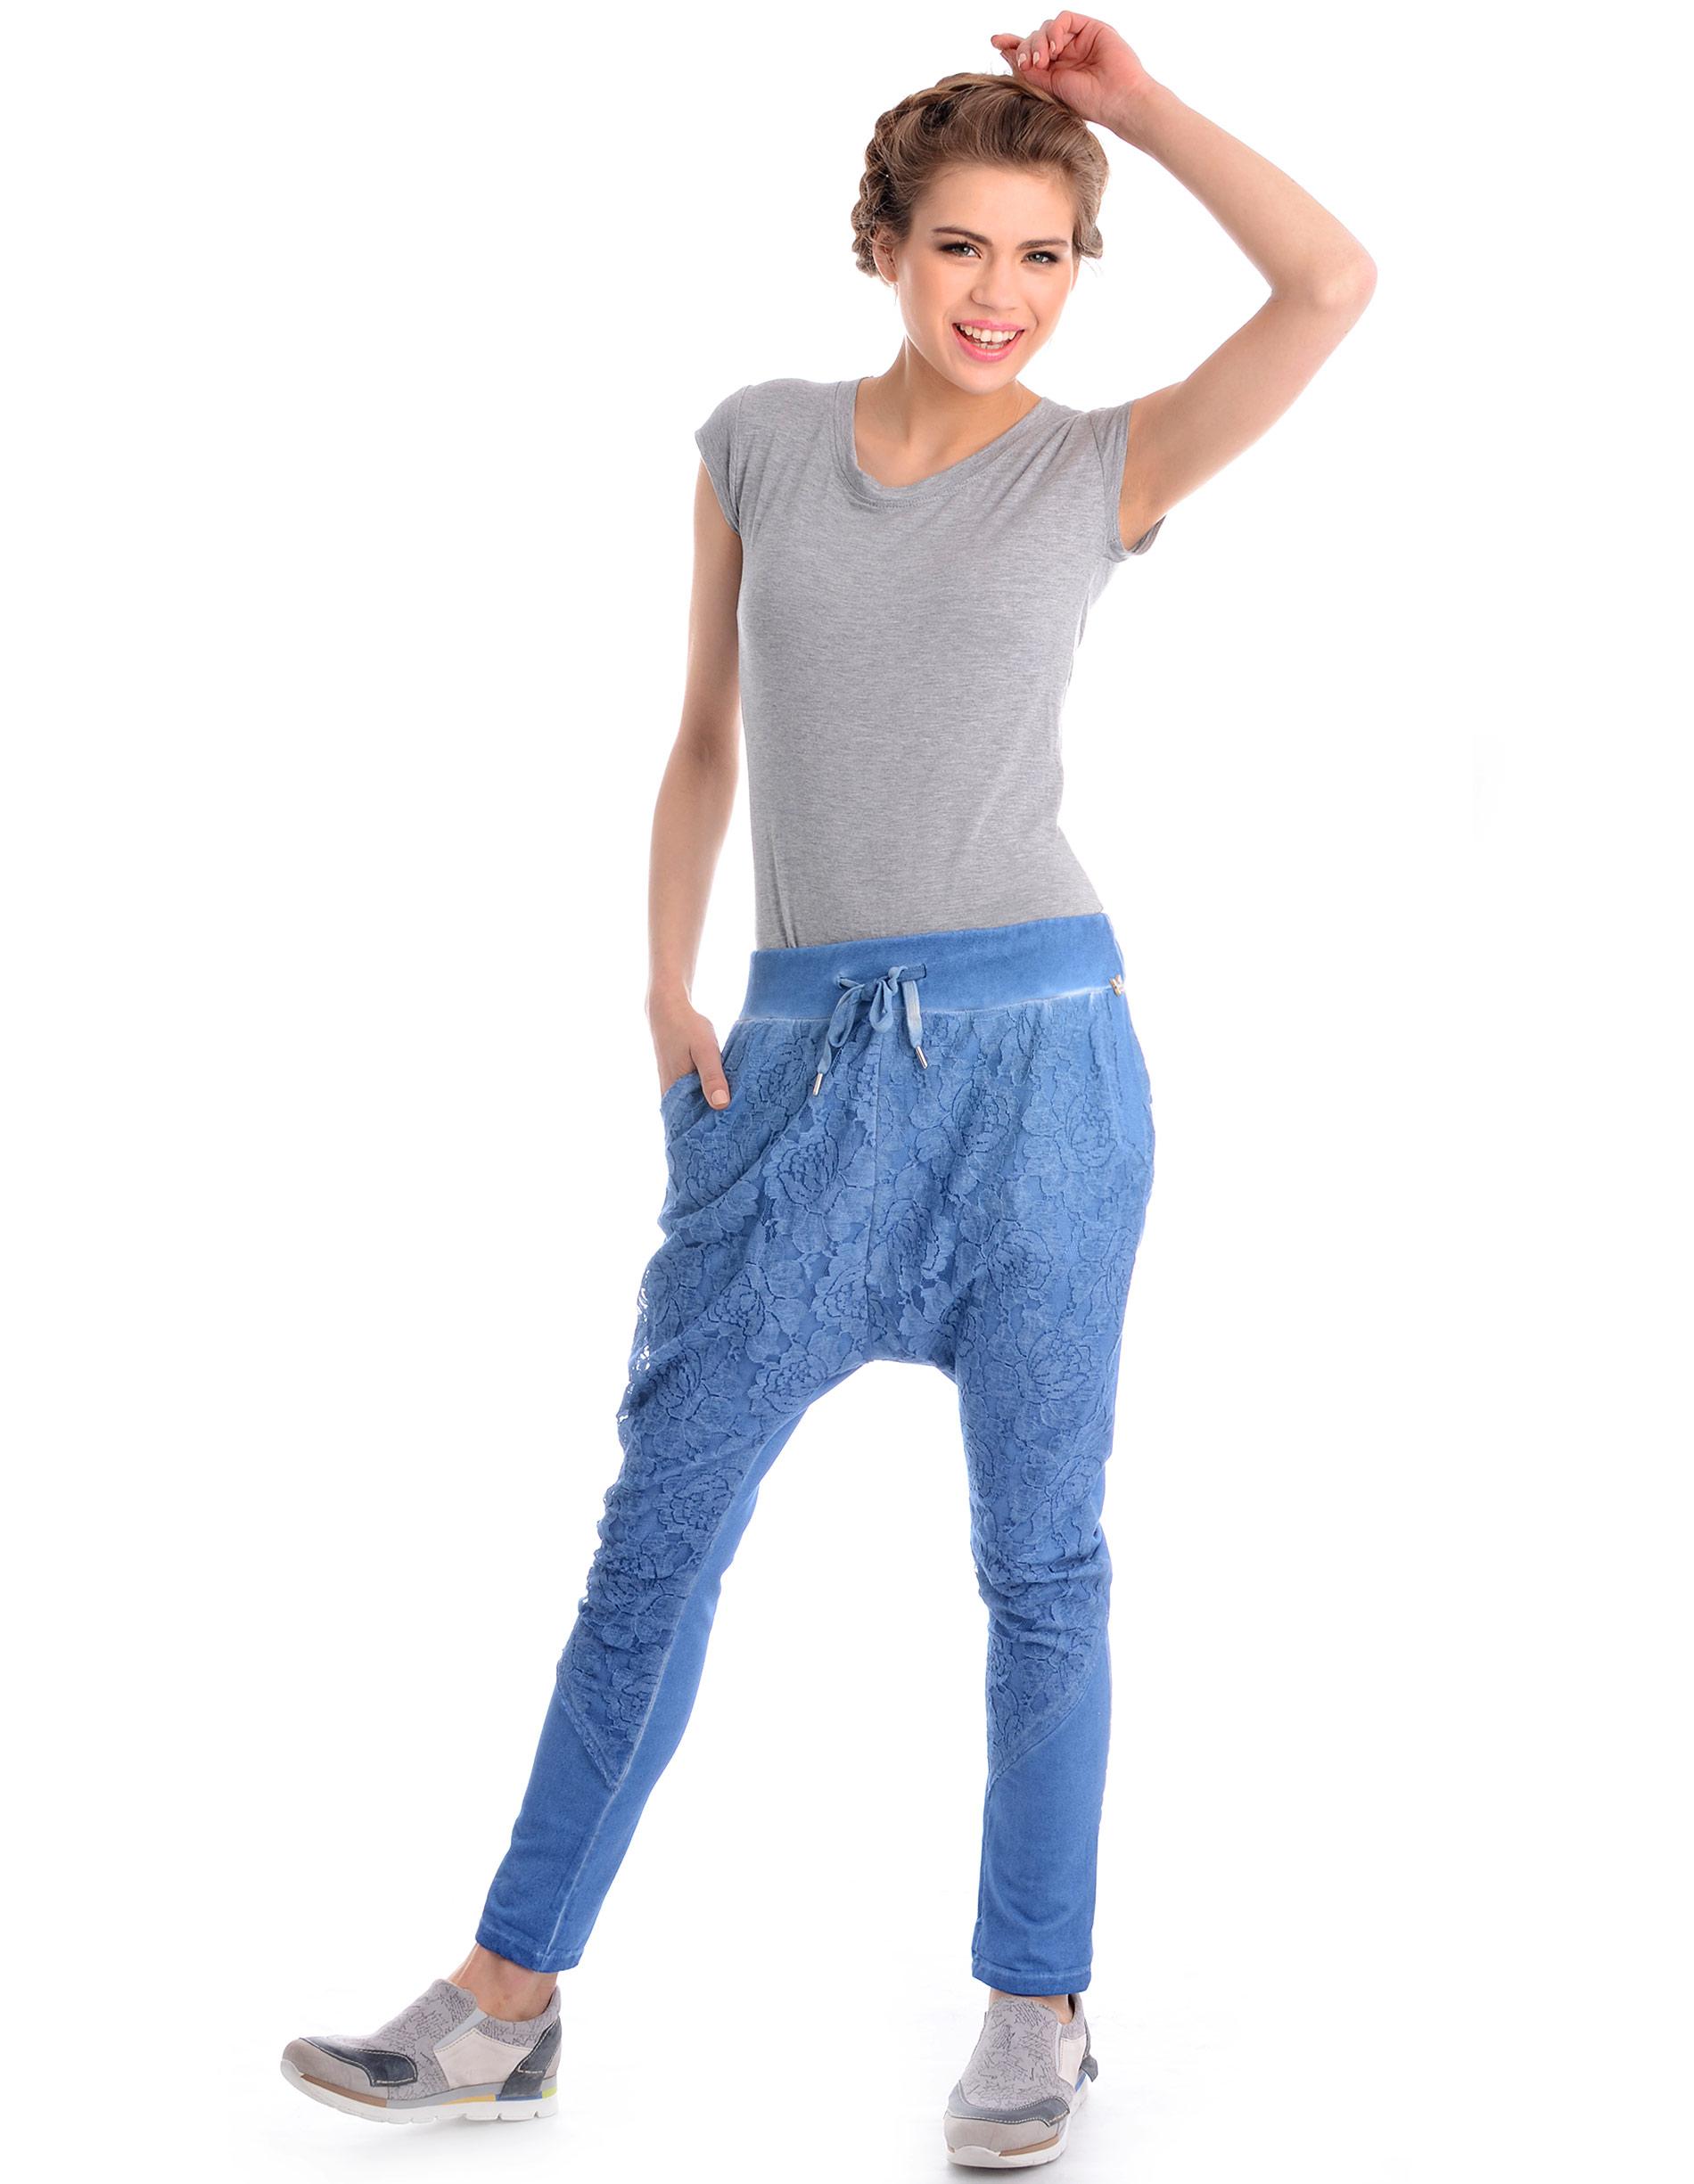 Spodnie - 52-6180 JEANS - Unisono